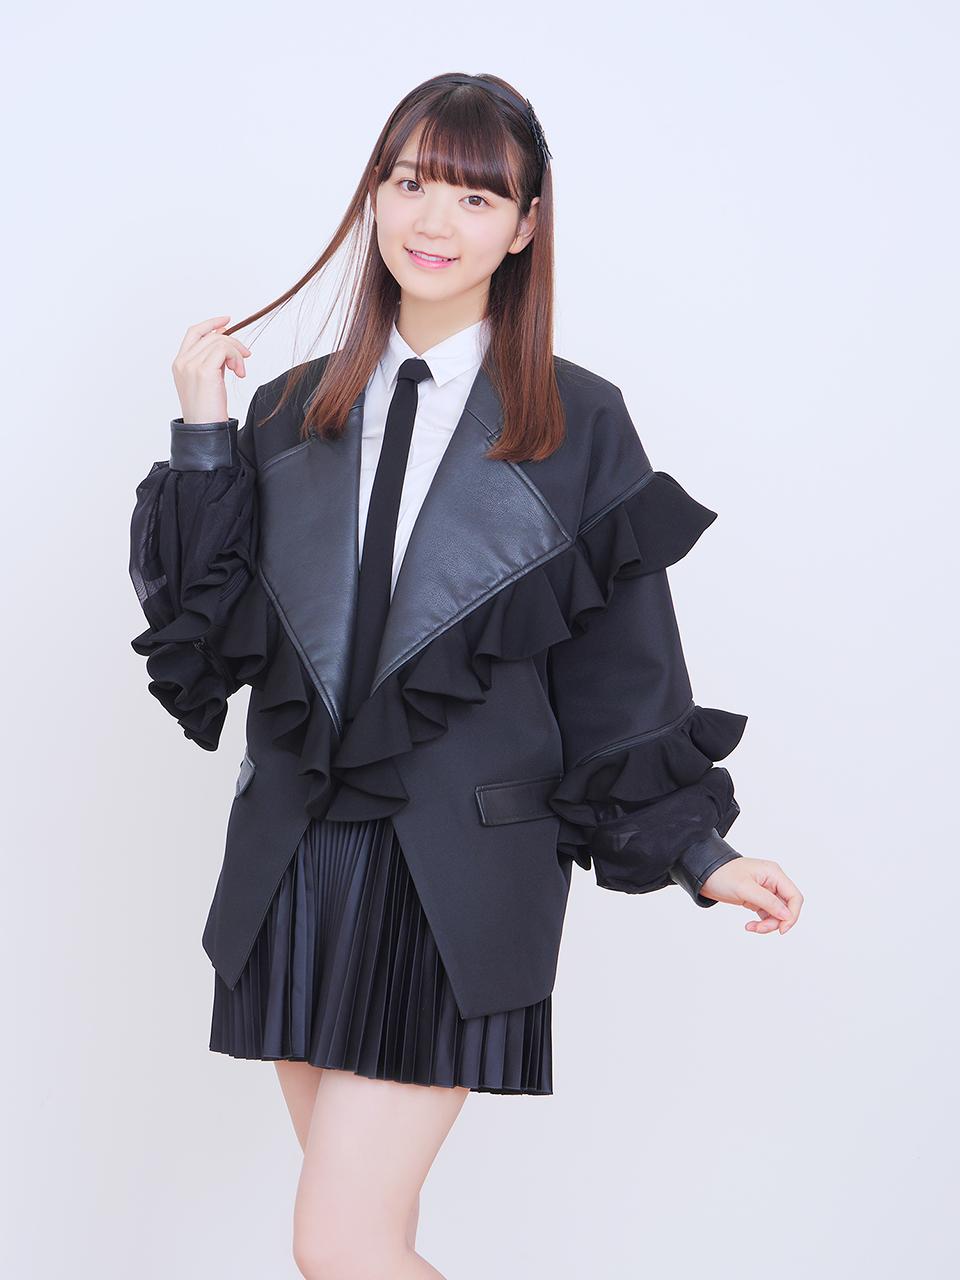 篠田萌(しのだ・もえ)